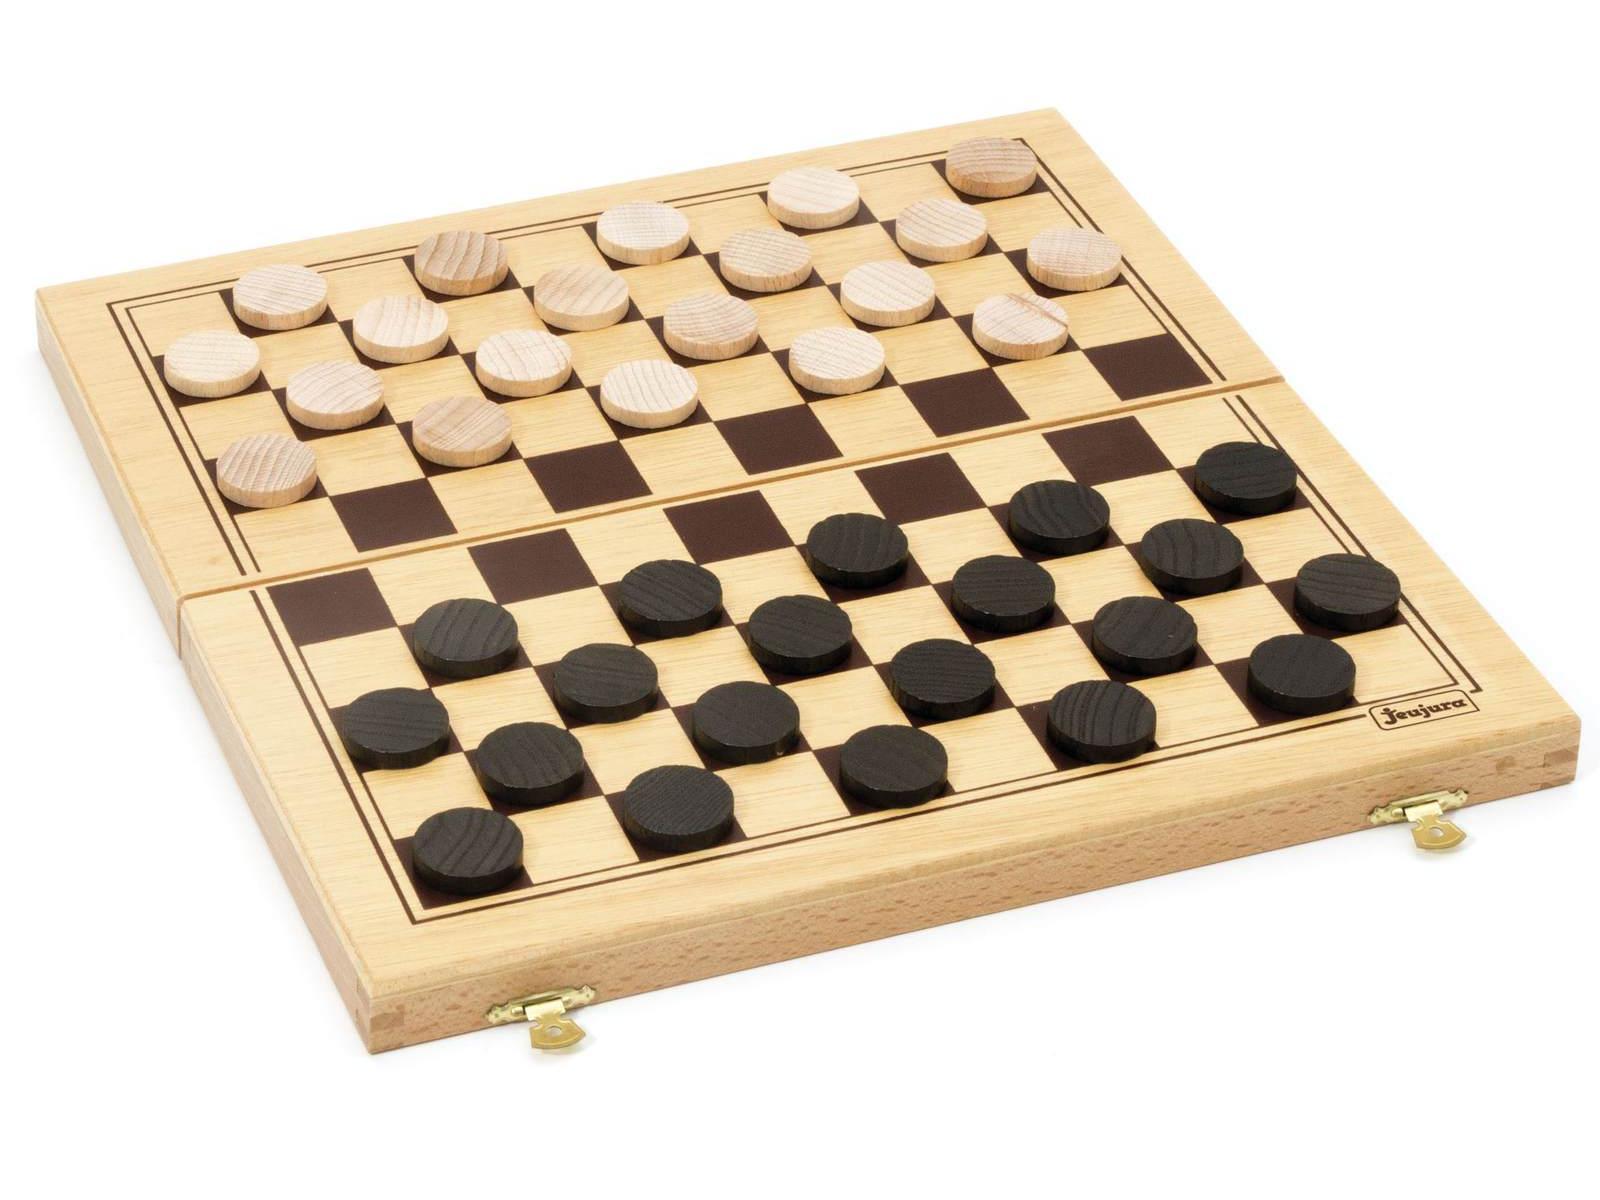 Jeujura - 8131 - jeu de dames - coffret pliant-31 x 16 x 4 cm